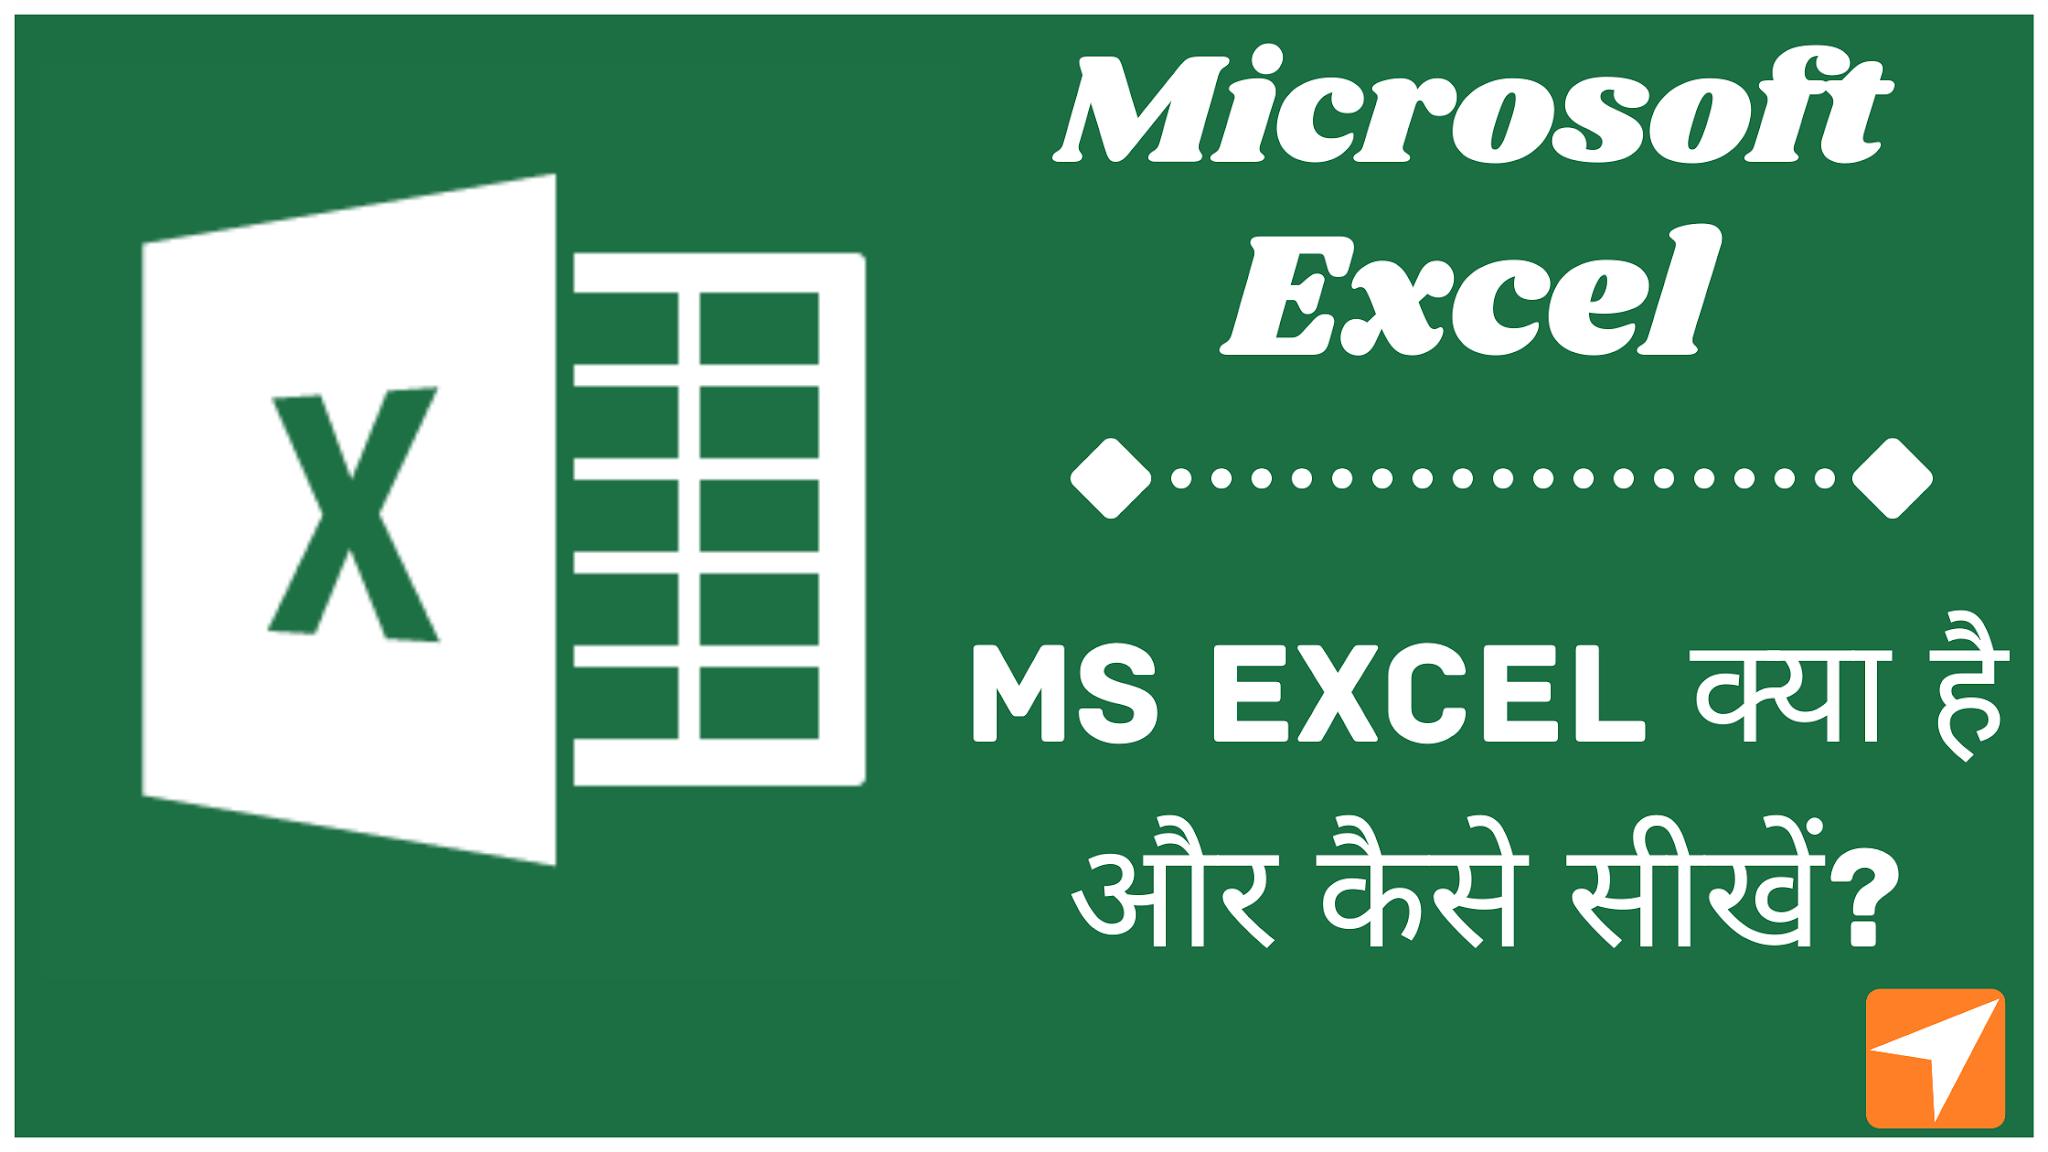 MS Excel क्या है